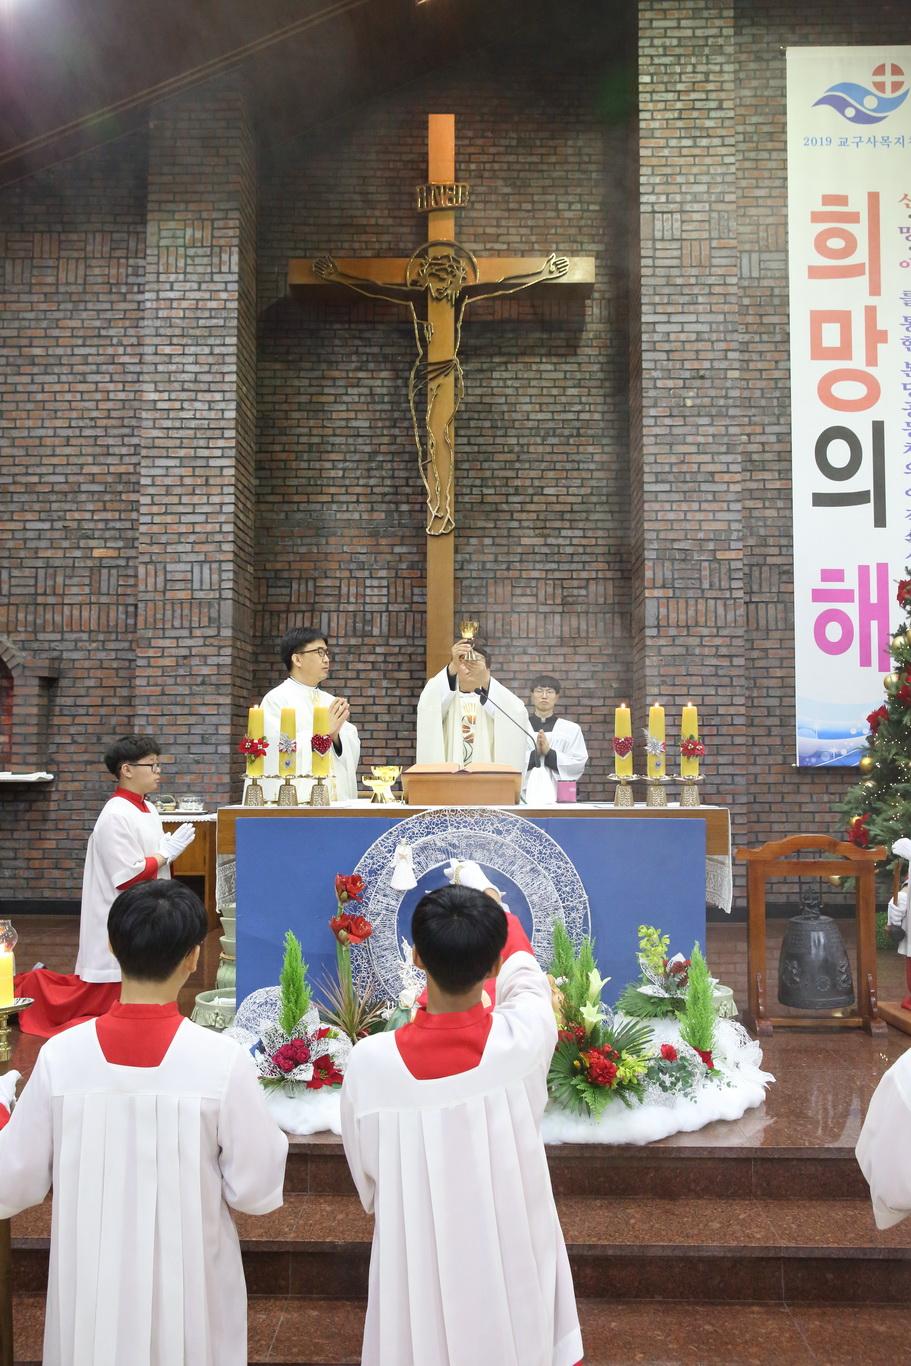 2019-12-24 성탄 성야 (183)_크기변경.JPG